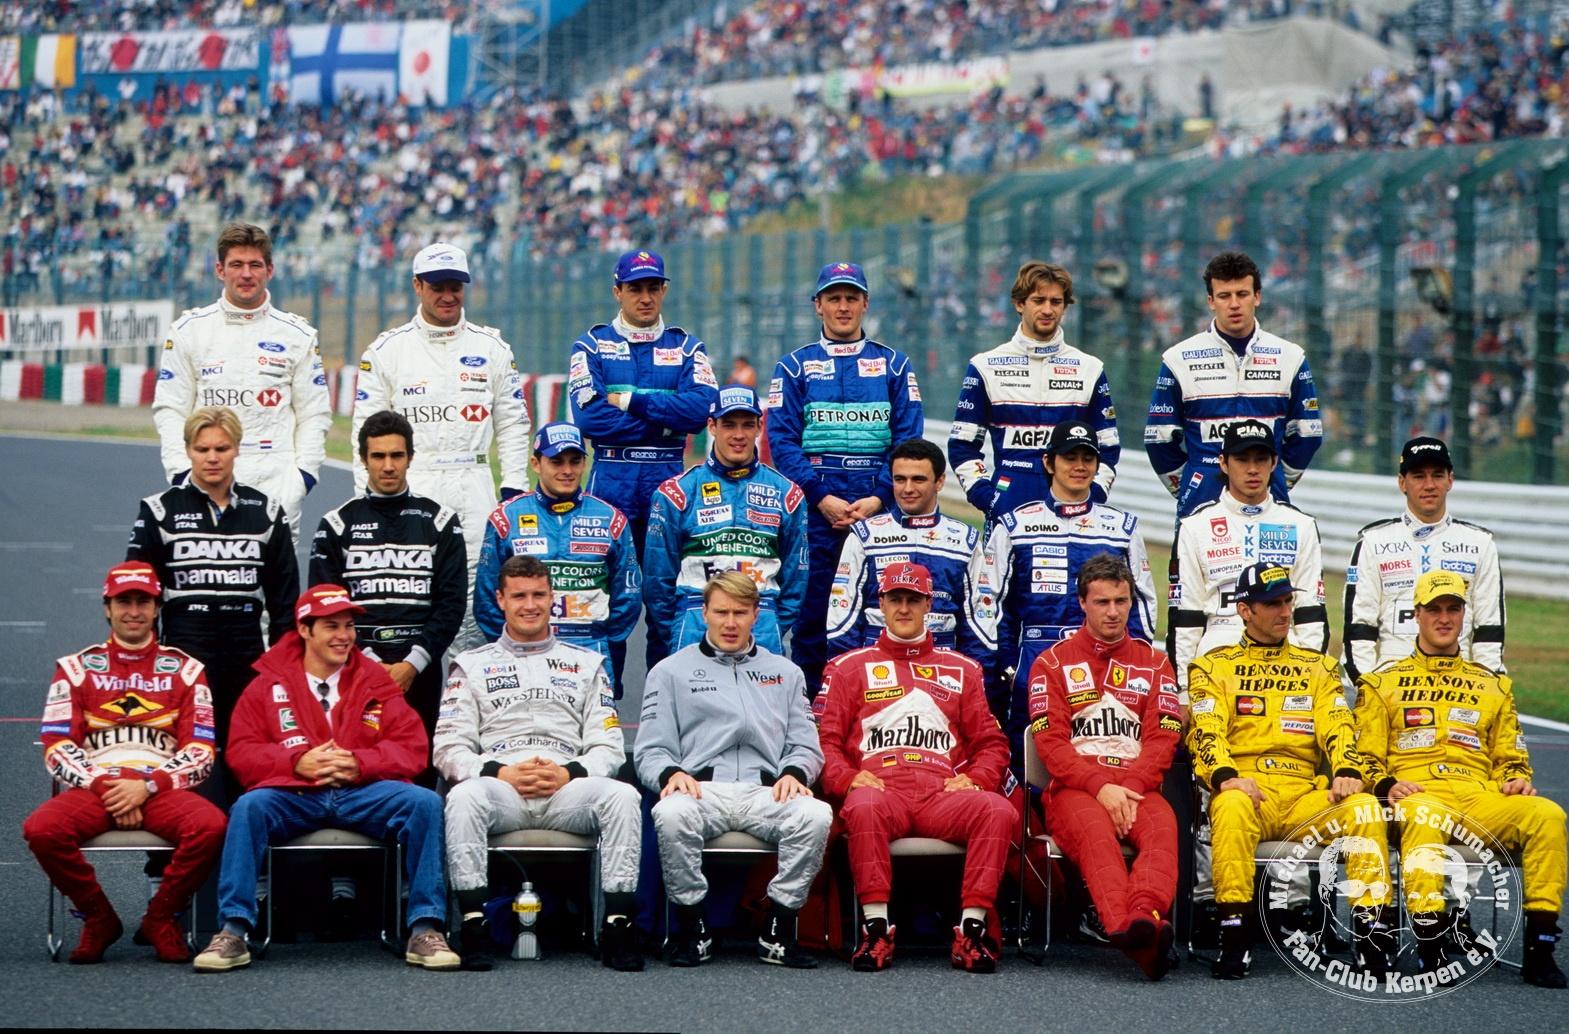 Formel 1, Grand Prix Japan 1998, Suzuka, 01.11.1998